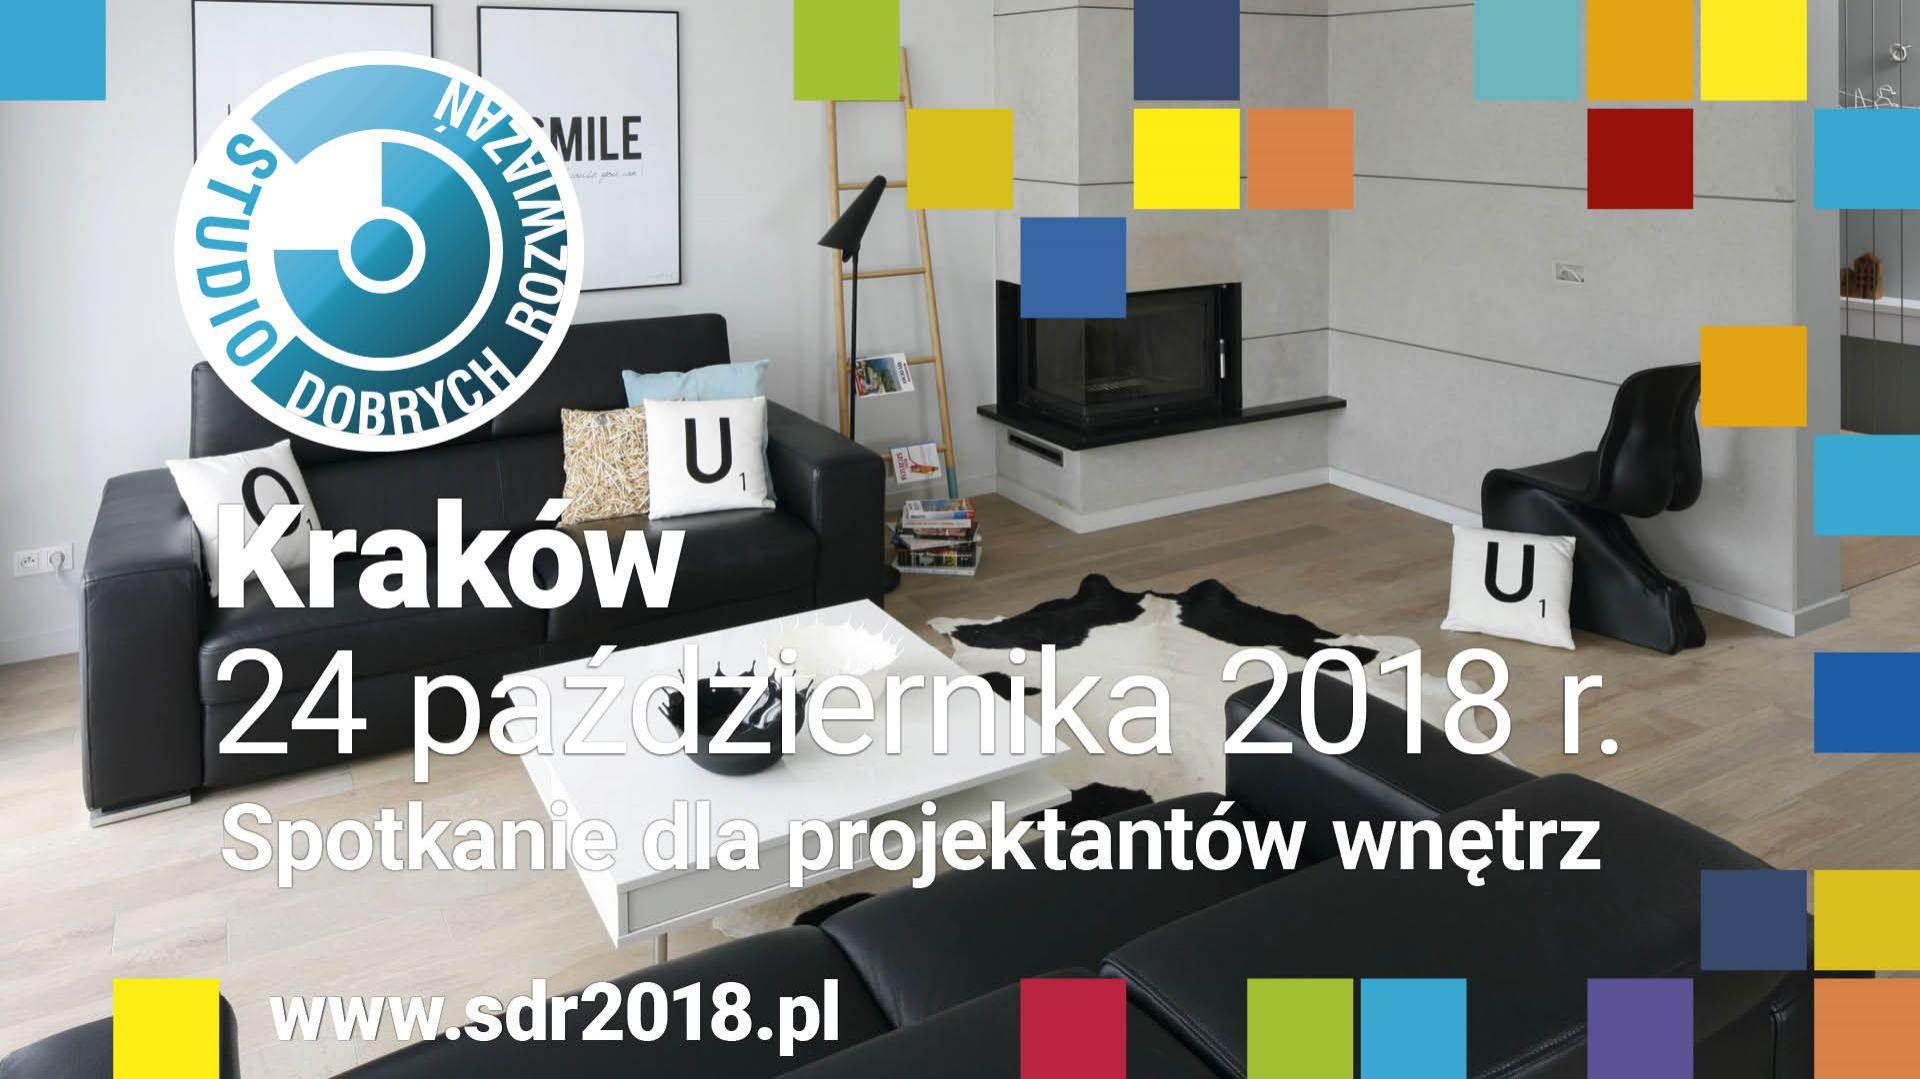 Studio Dobrych Rozwiązań zaprasza 24 paxdziernika do Krakowa